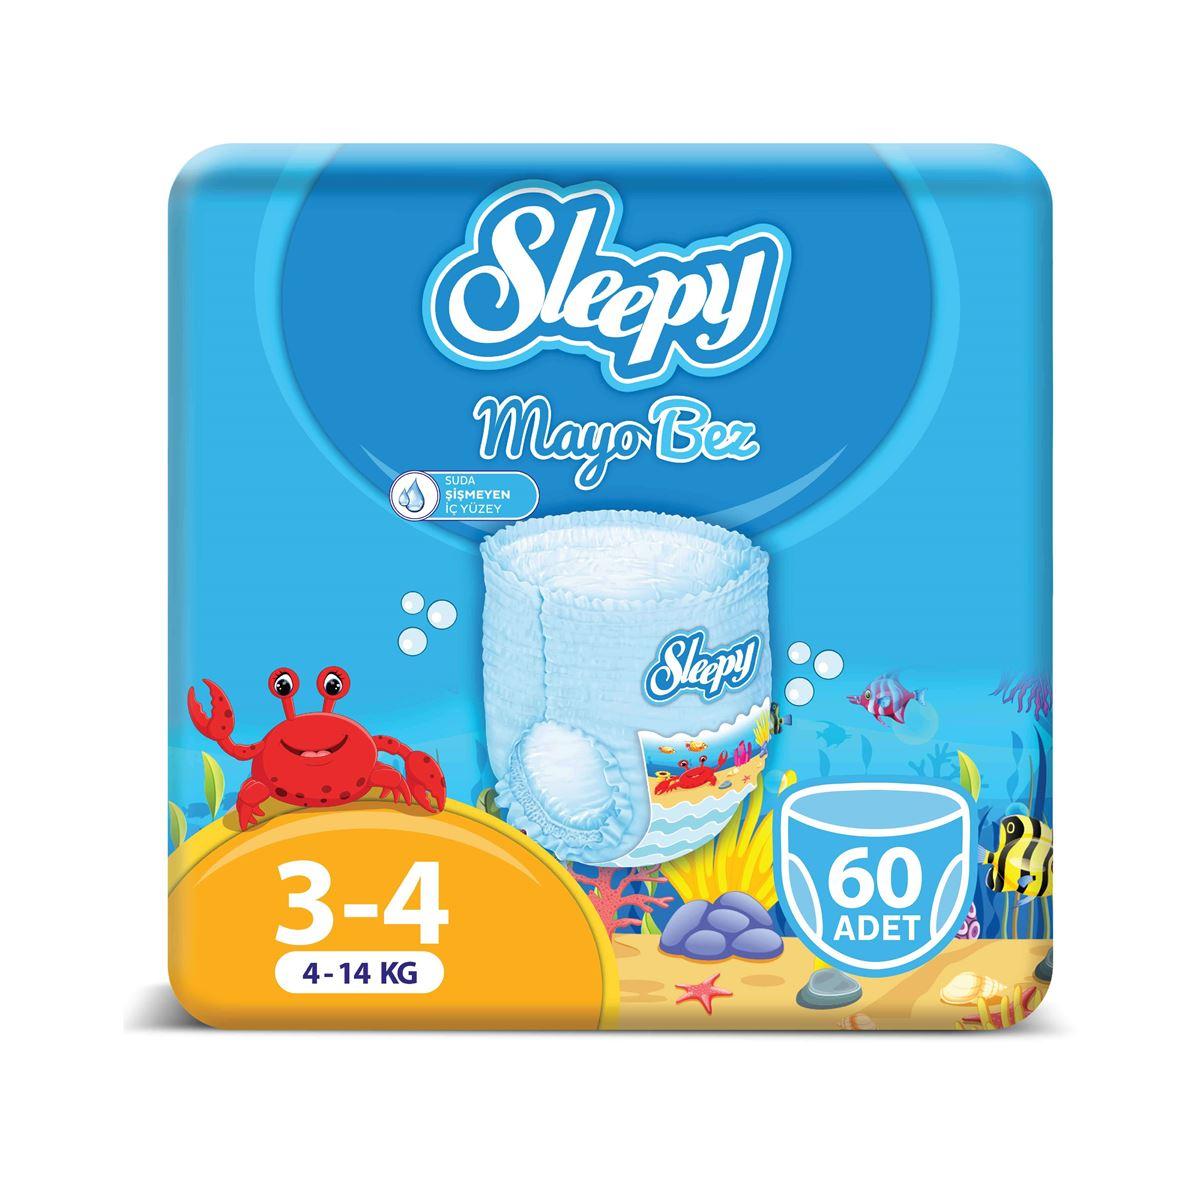 Sleepy Mayo KÜLOT Bez 4 Numara Maxi 3'LÜ PAKET 60 Adet